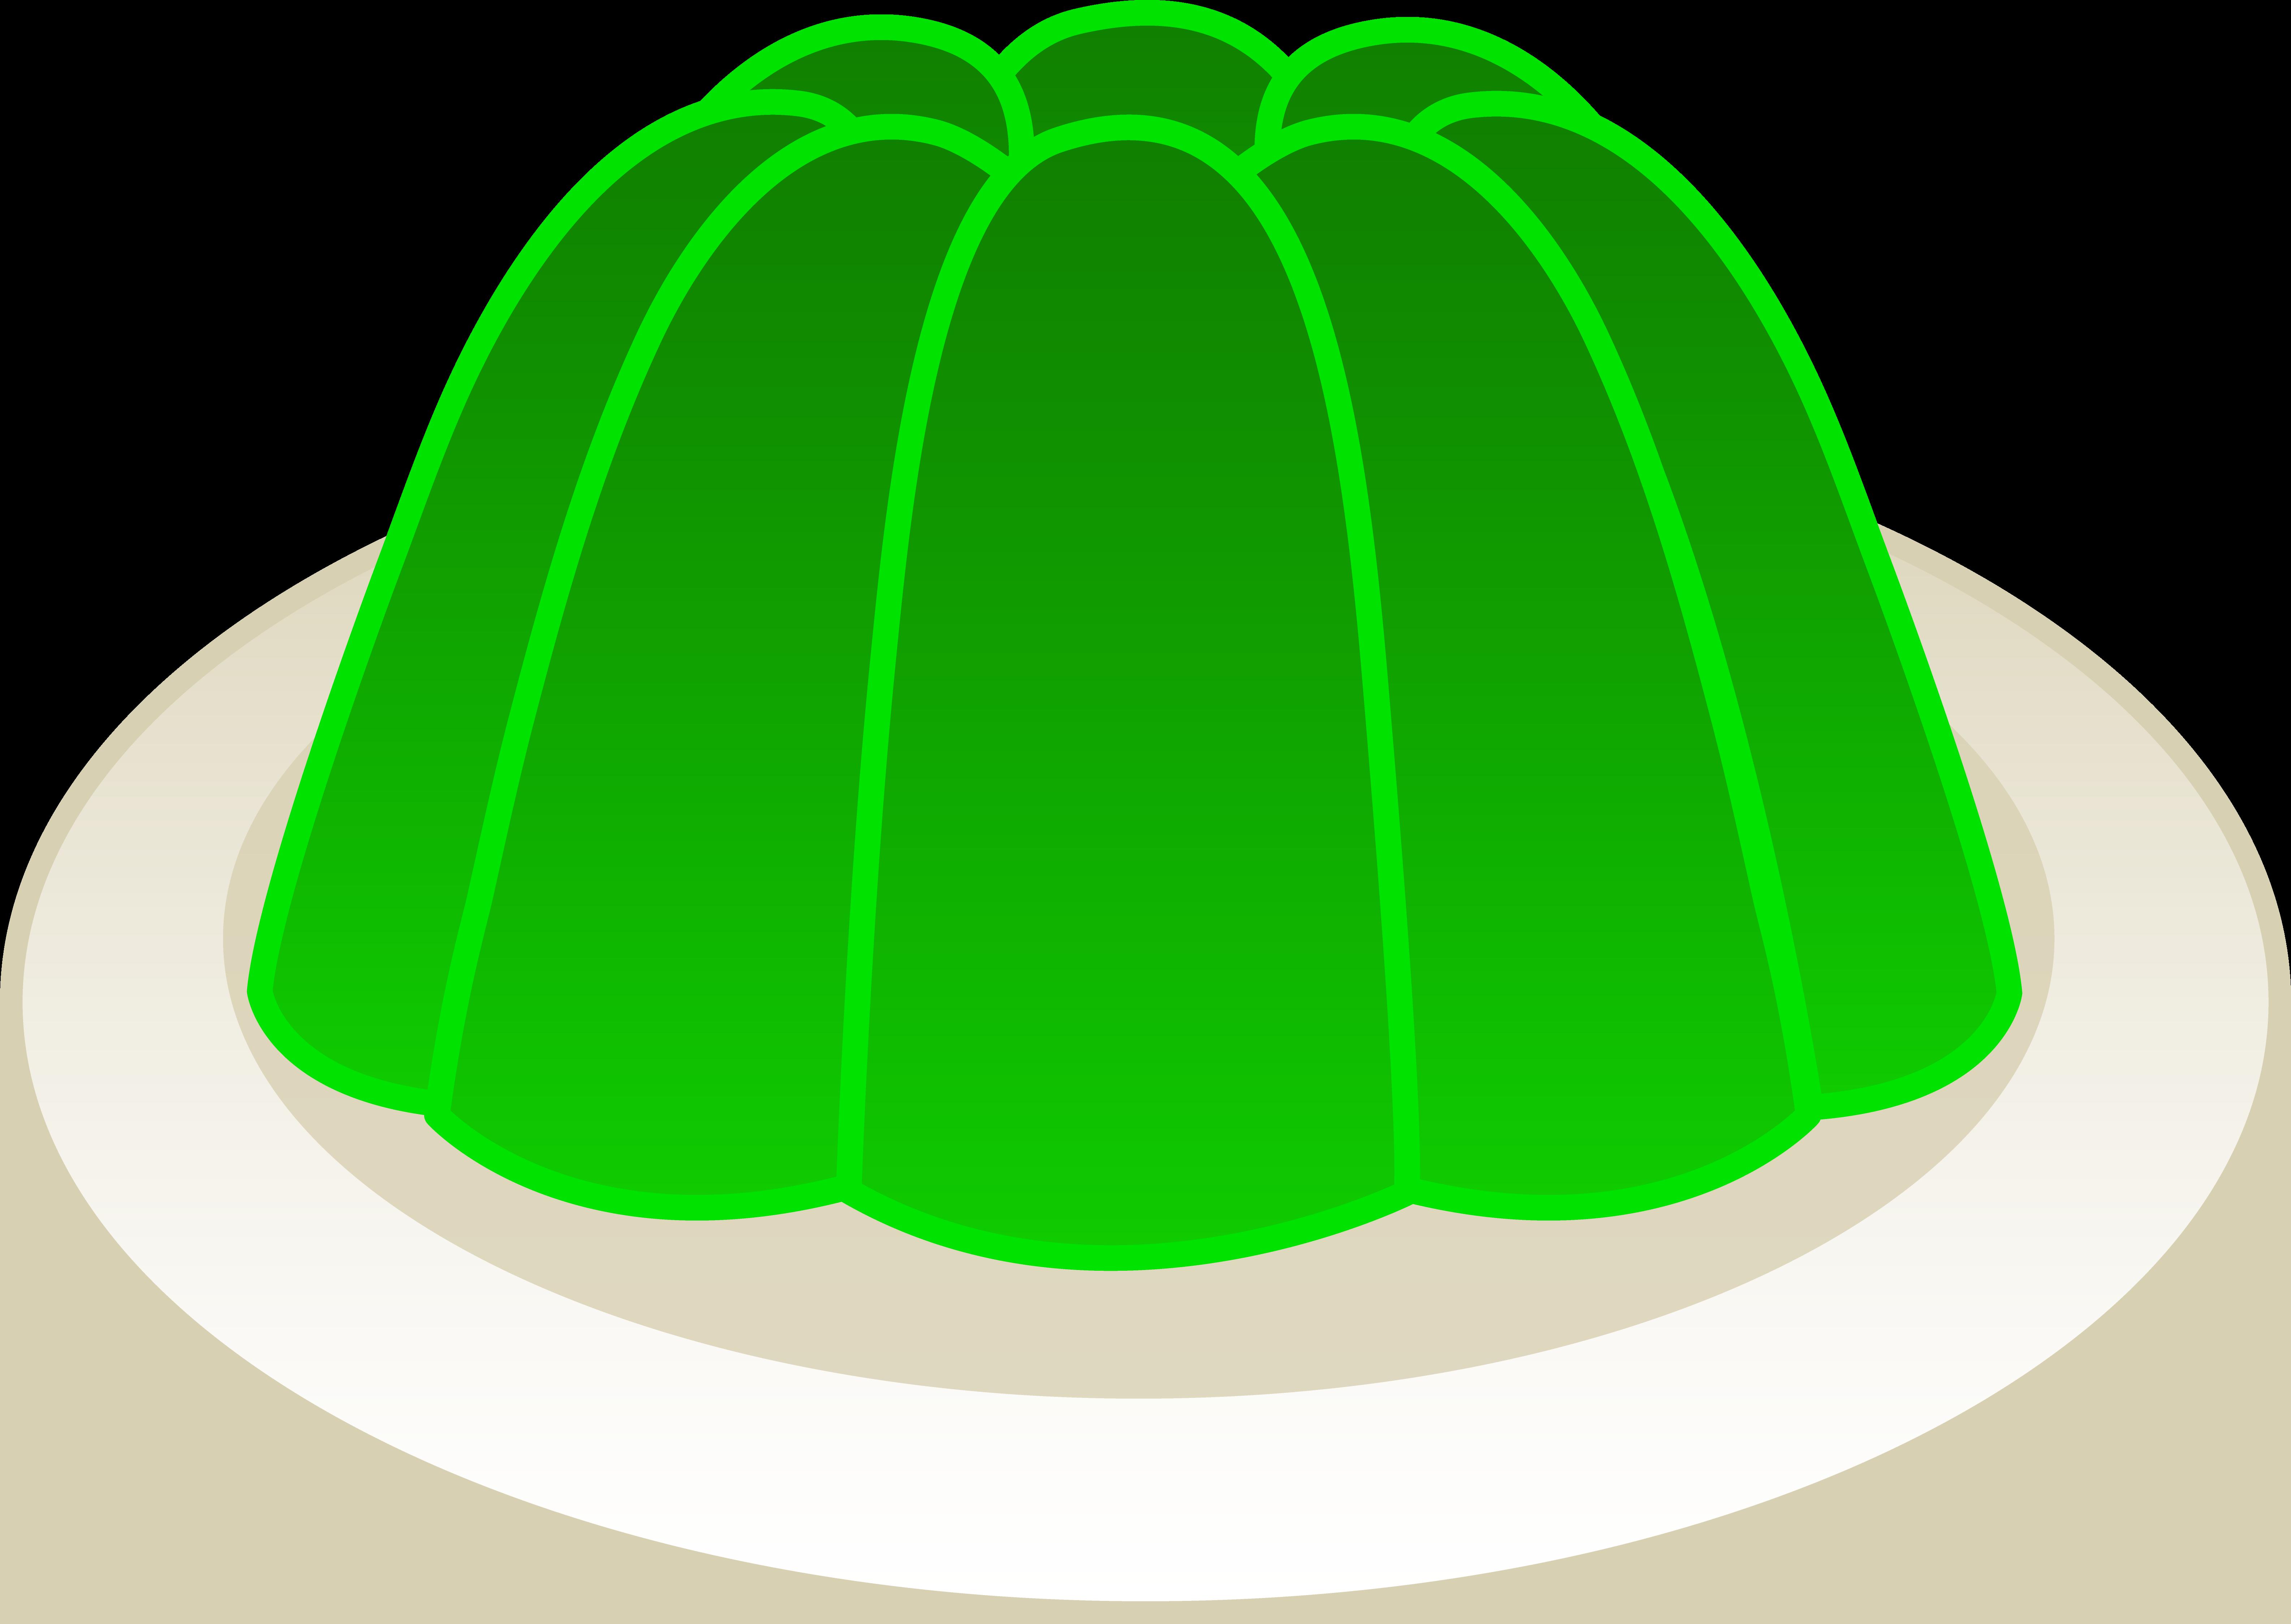 6341x4496 Jelly Clipart Jello